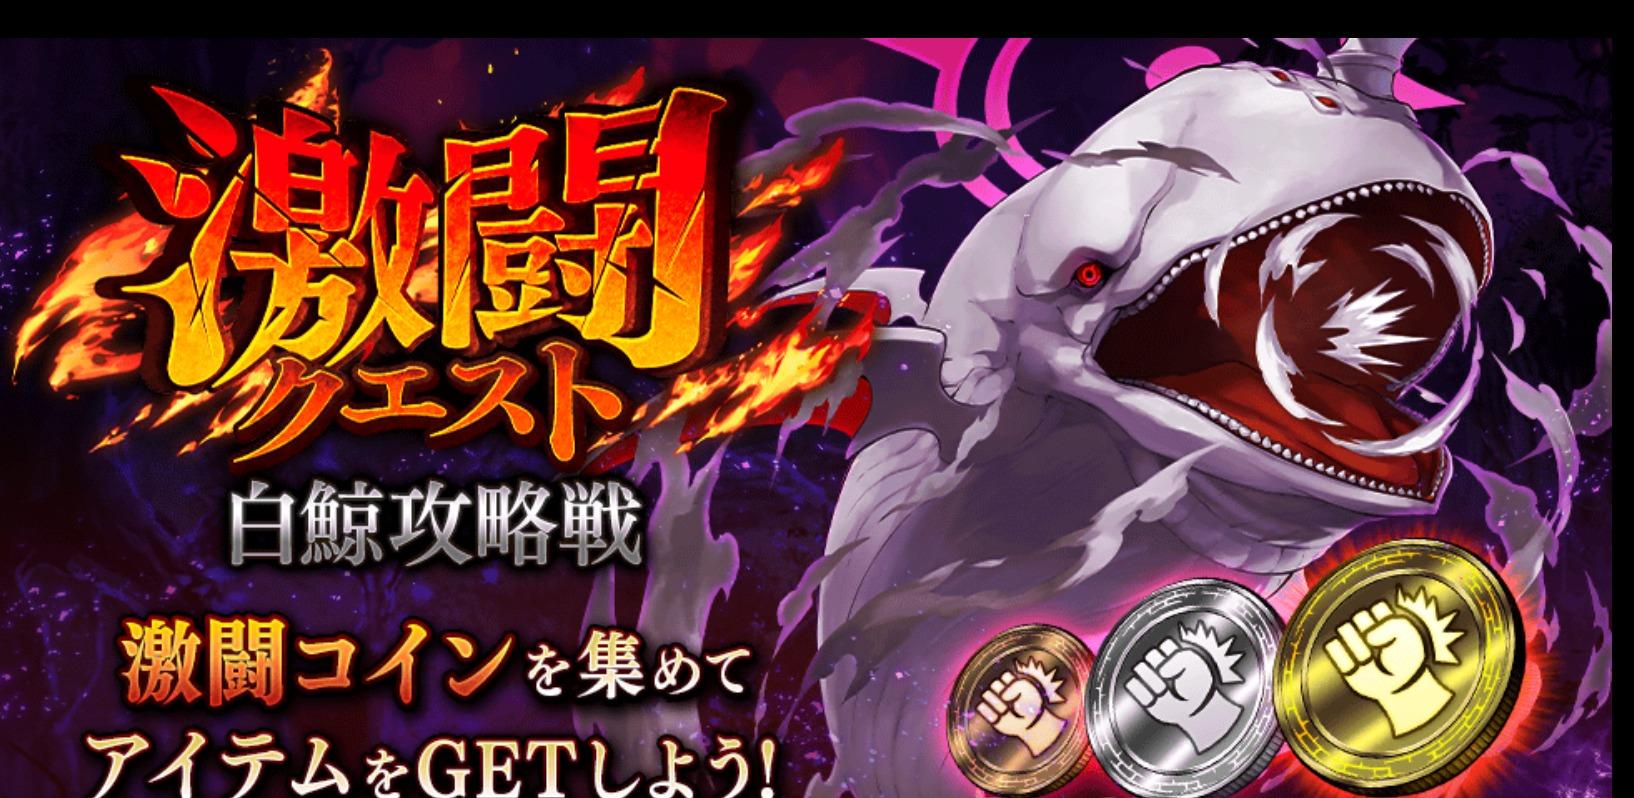 【激闘クエスト】白鯨攻略戦